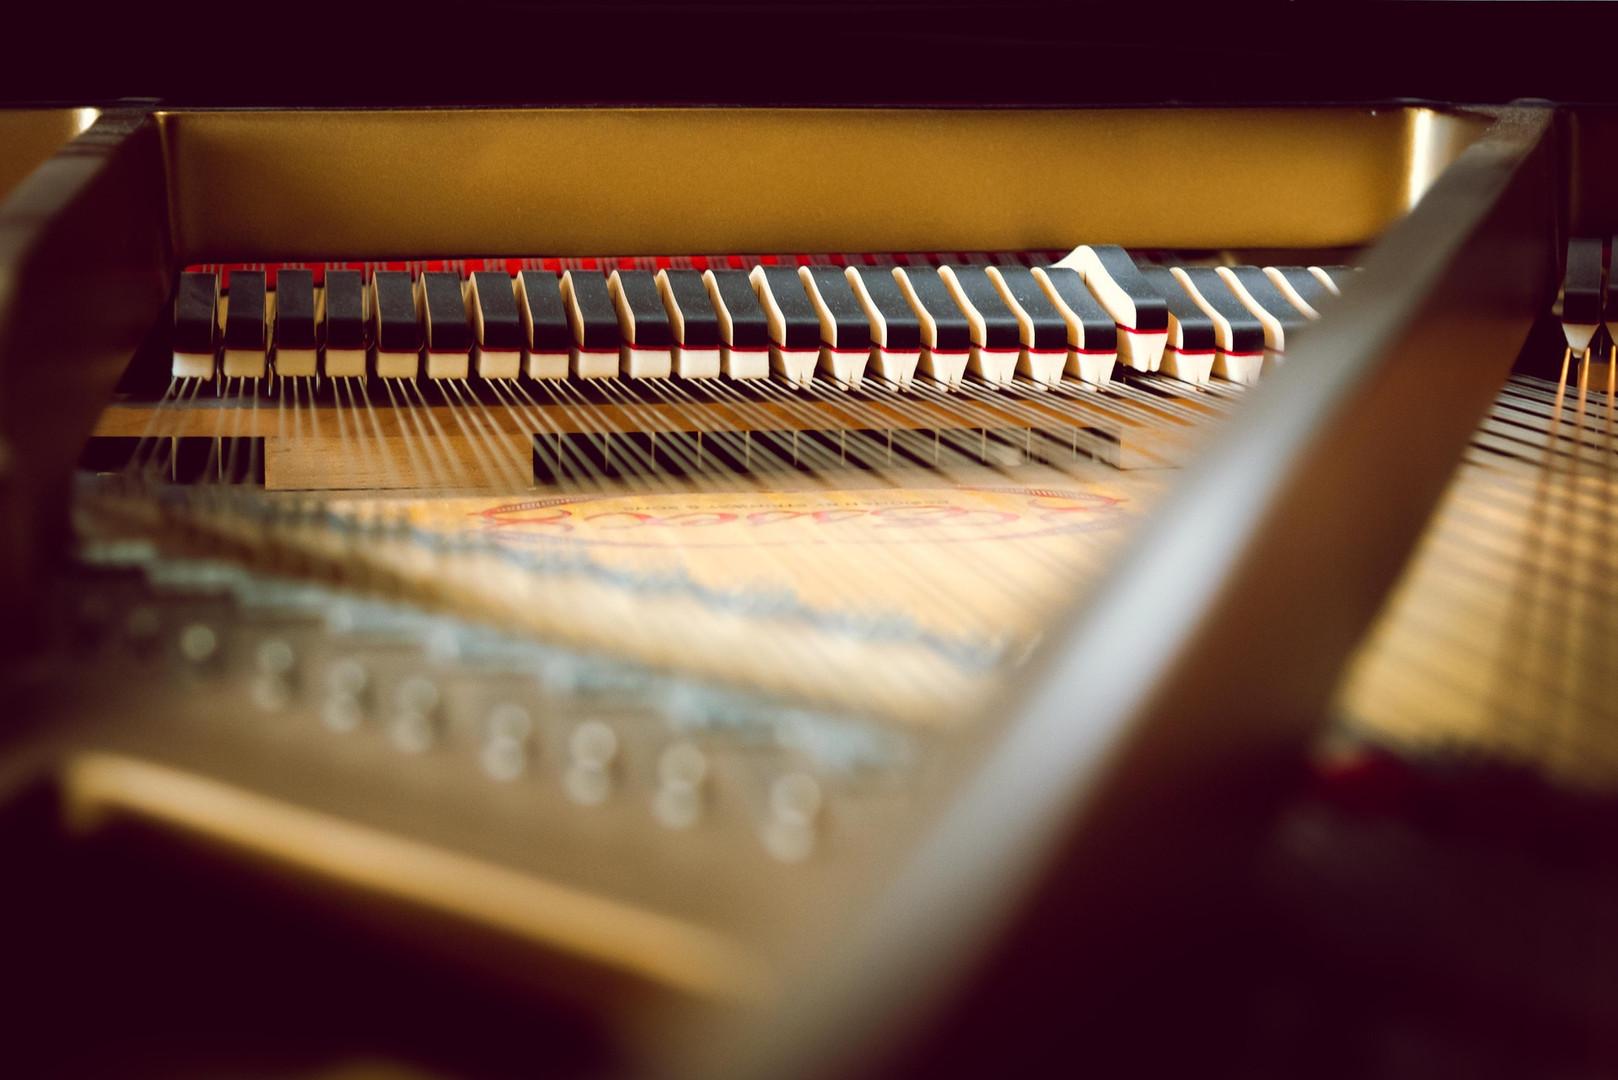 piano-3957653_1920.jpg